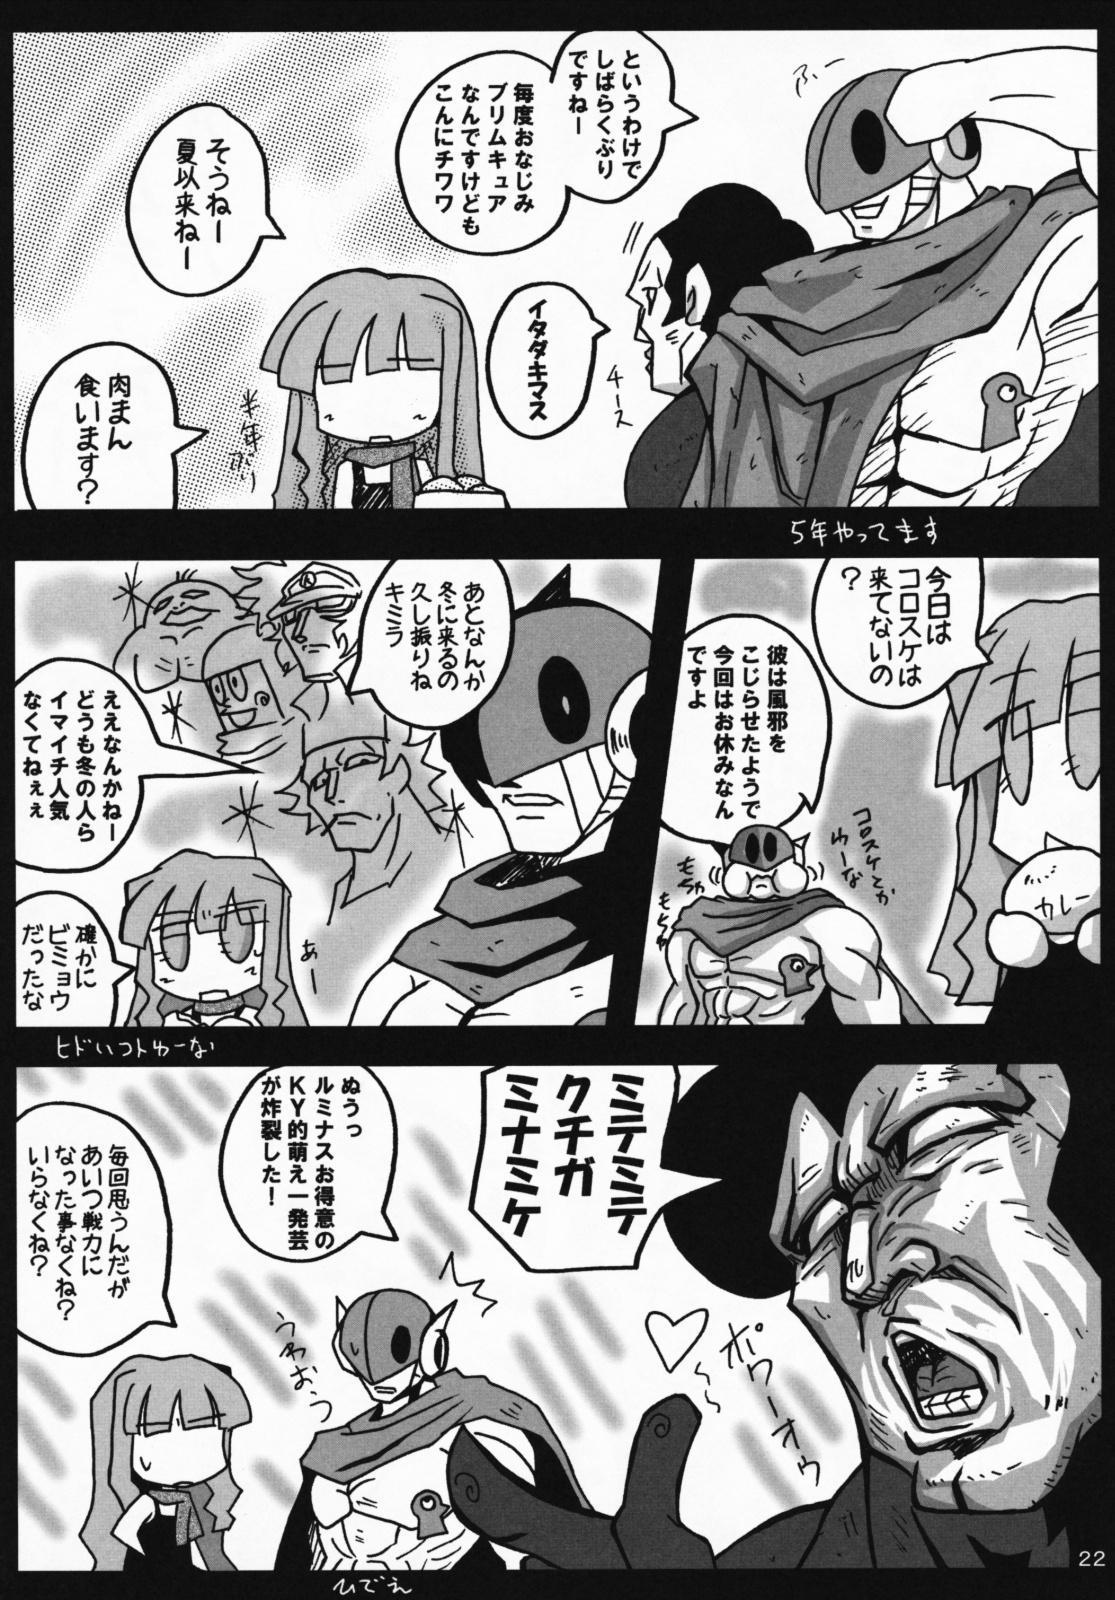 Ryoujoku Gakuen Negima! Poimono Vol.06 20